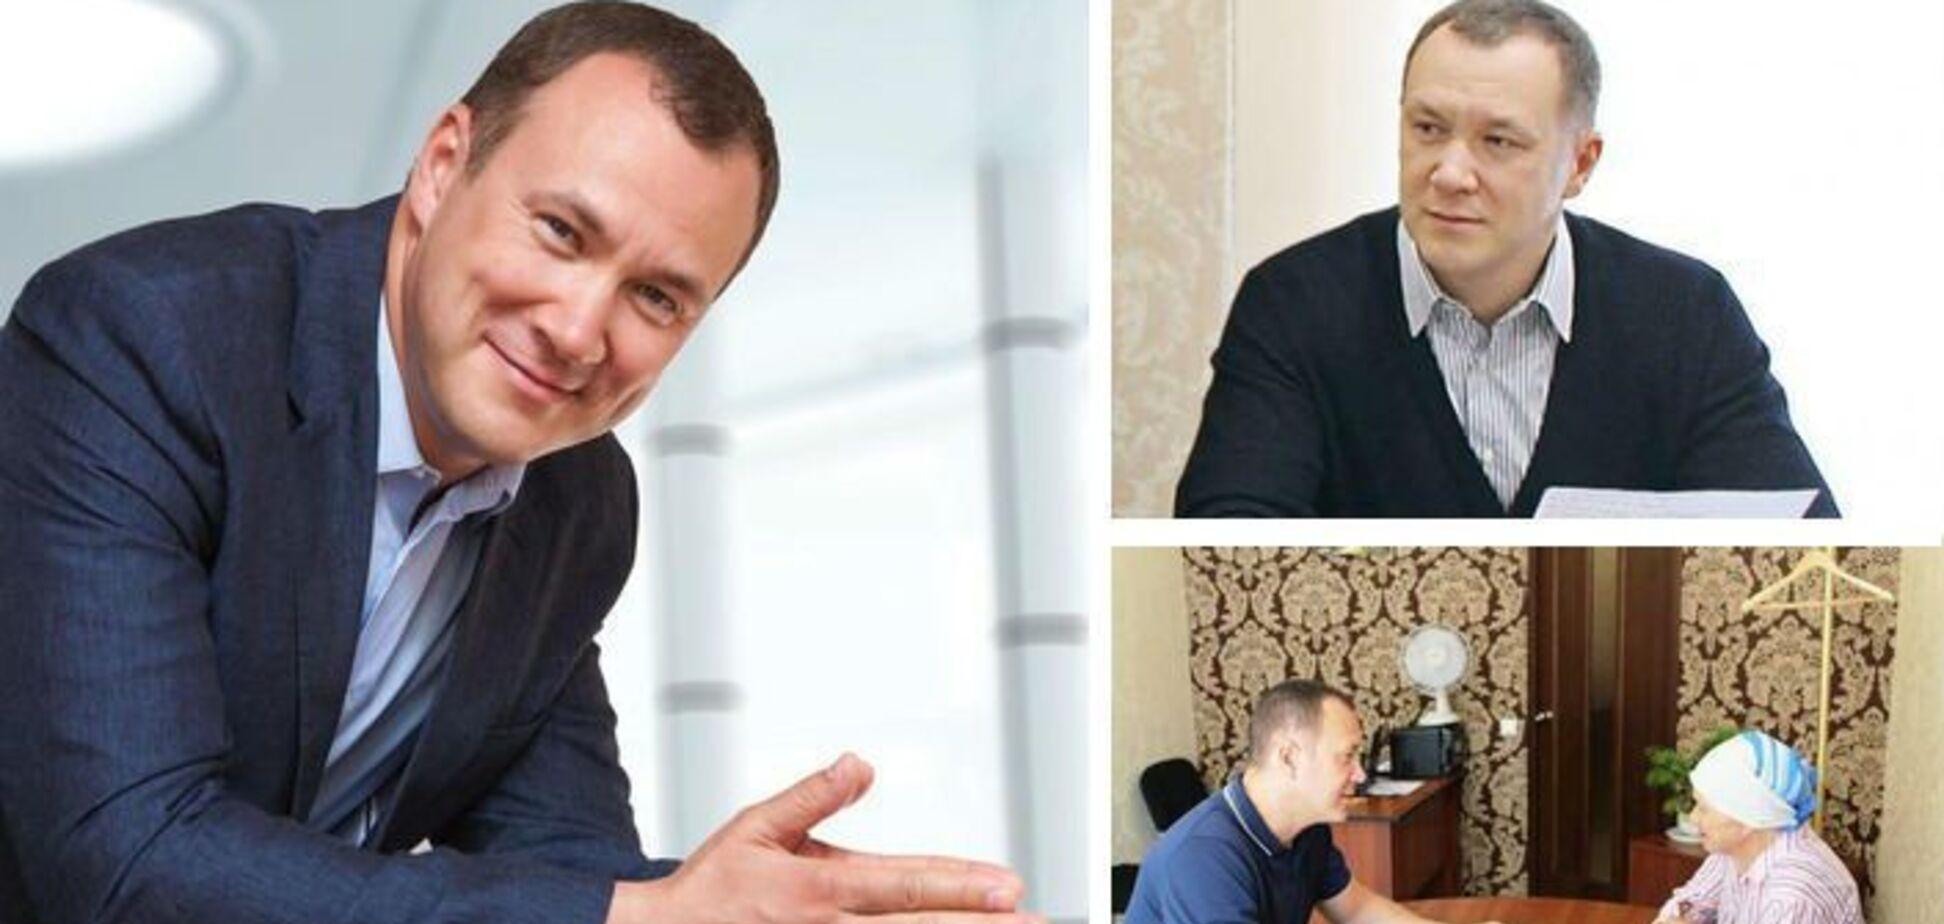 Юсов: нардеп-мільярдер знявся з виборів у Києві, але сітки можуть працювати на іншого